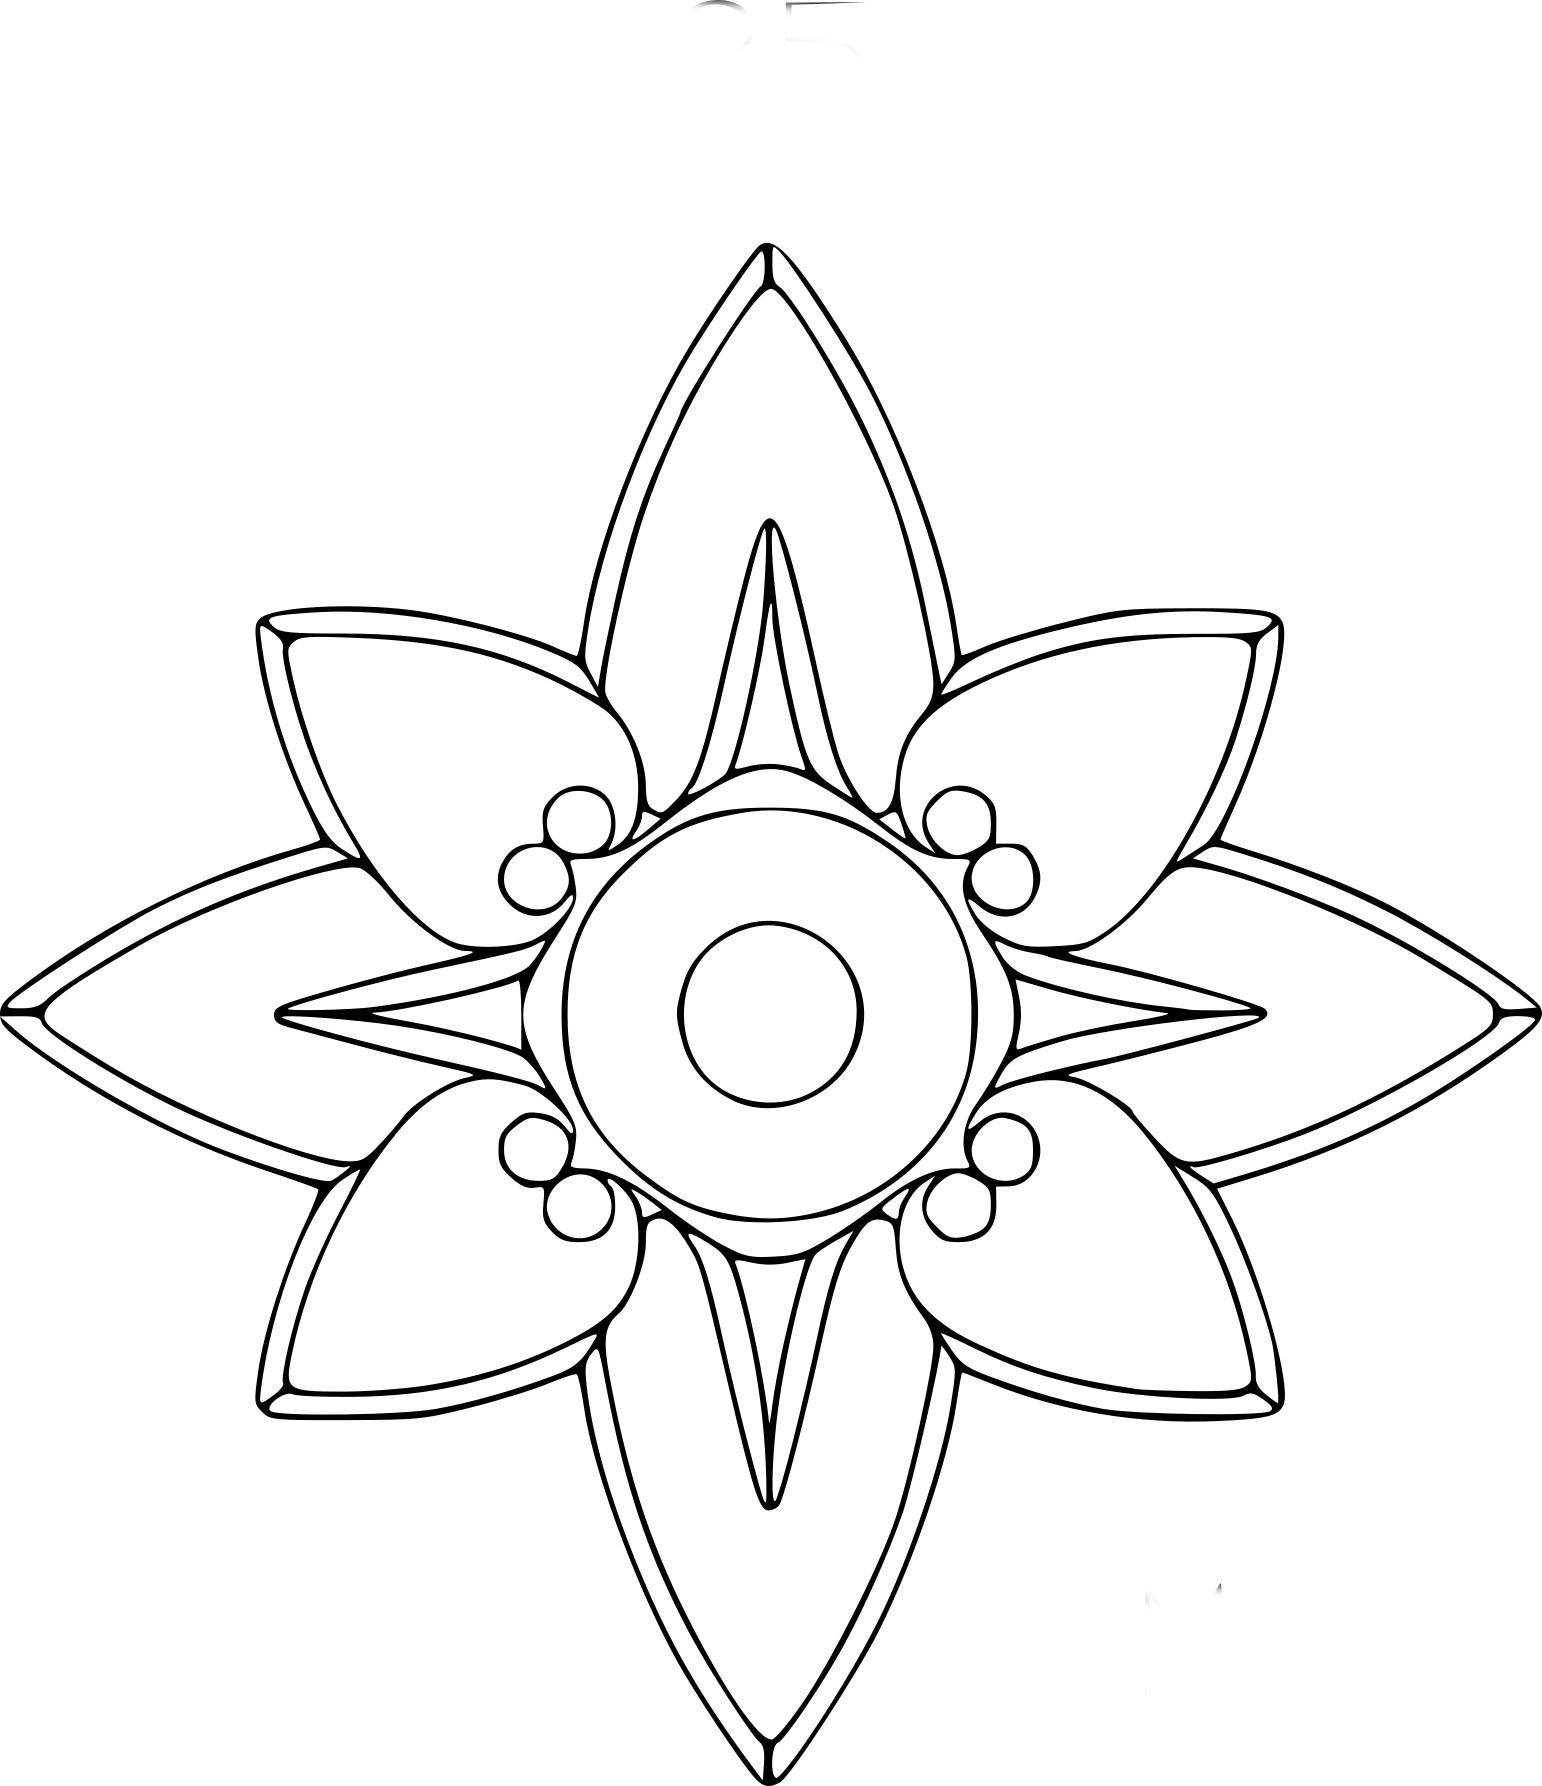 Coloriage Rosace Etoile À Imprimer Sur Coloriages intérieur Rosace A Imprimer